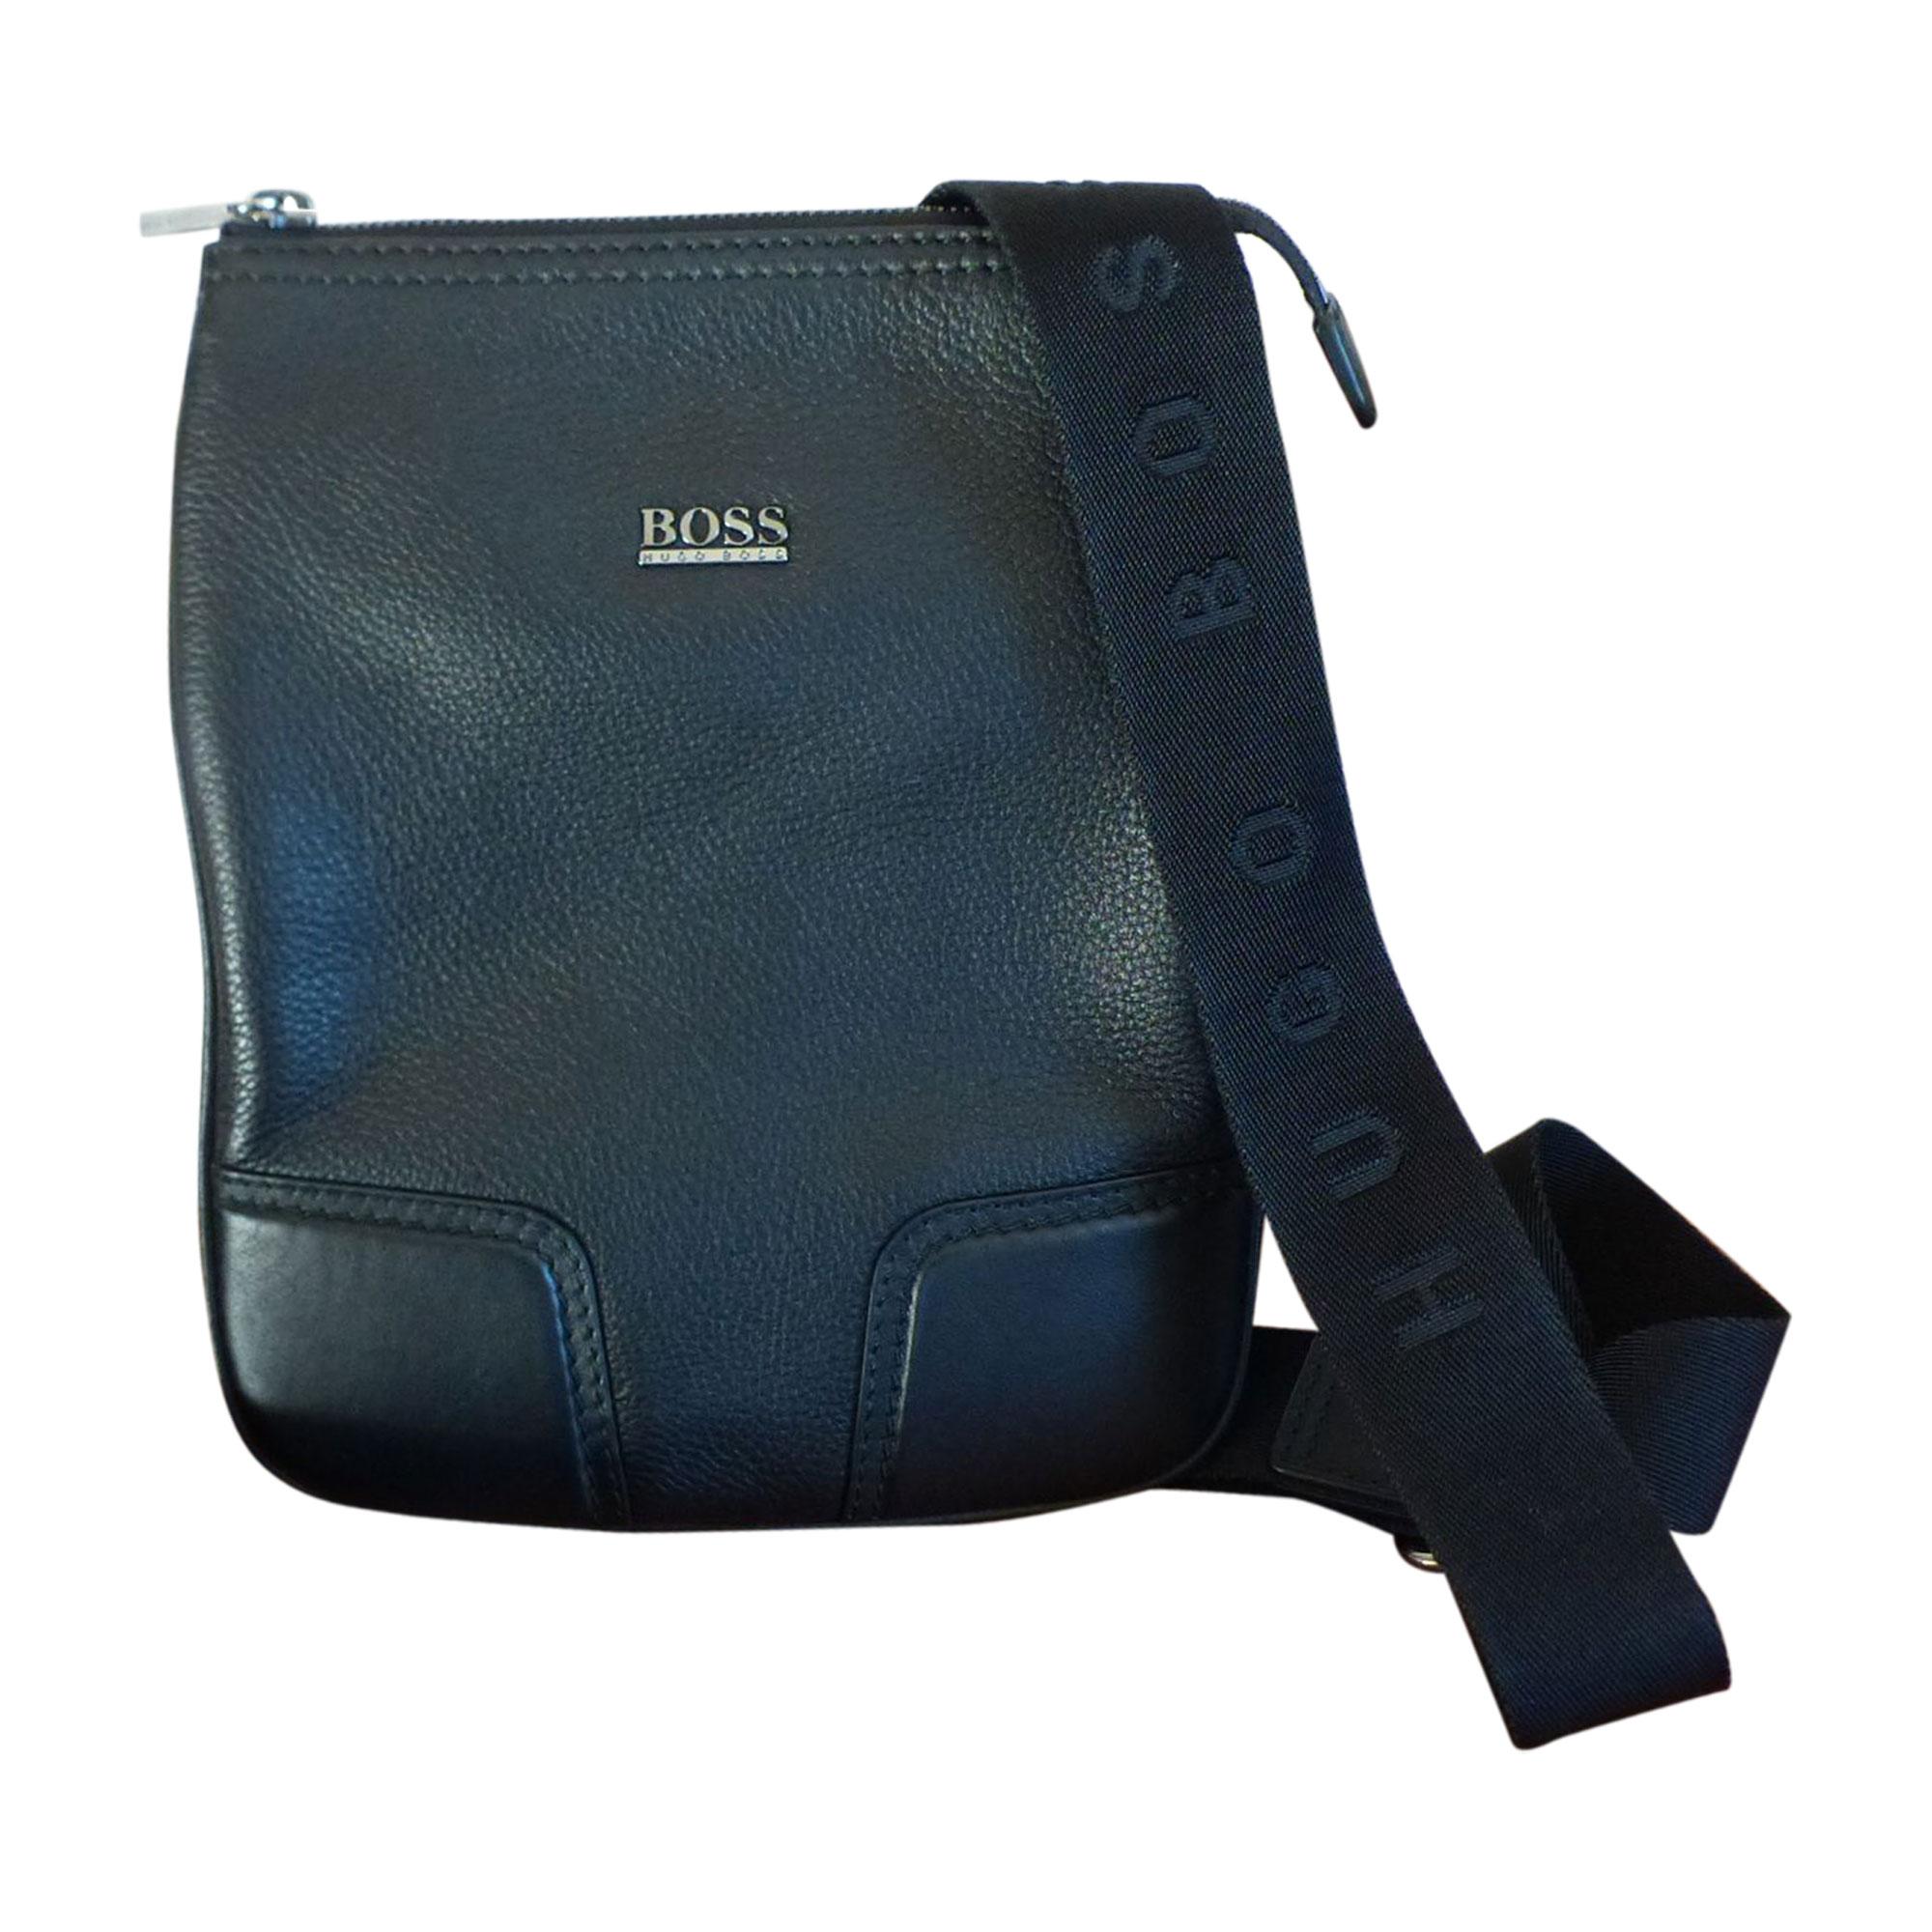 Sacoche HUGO BOSS noir vendu par Littto2b - 7761342 4b158cff536